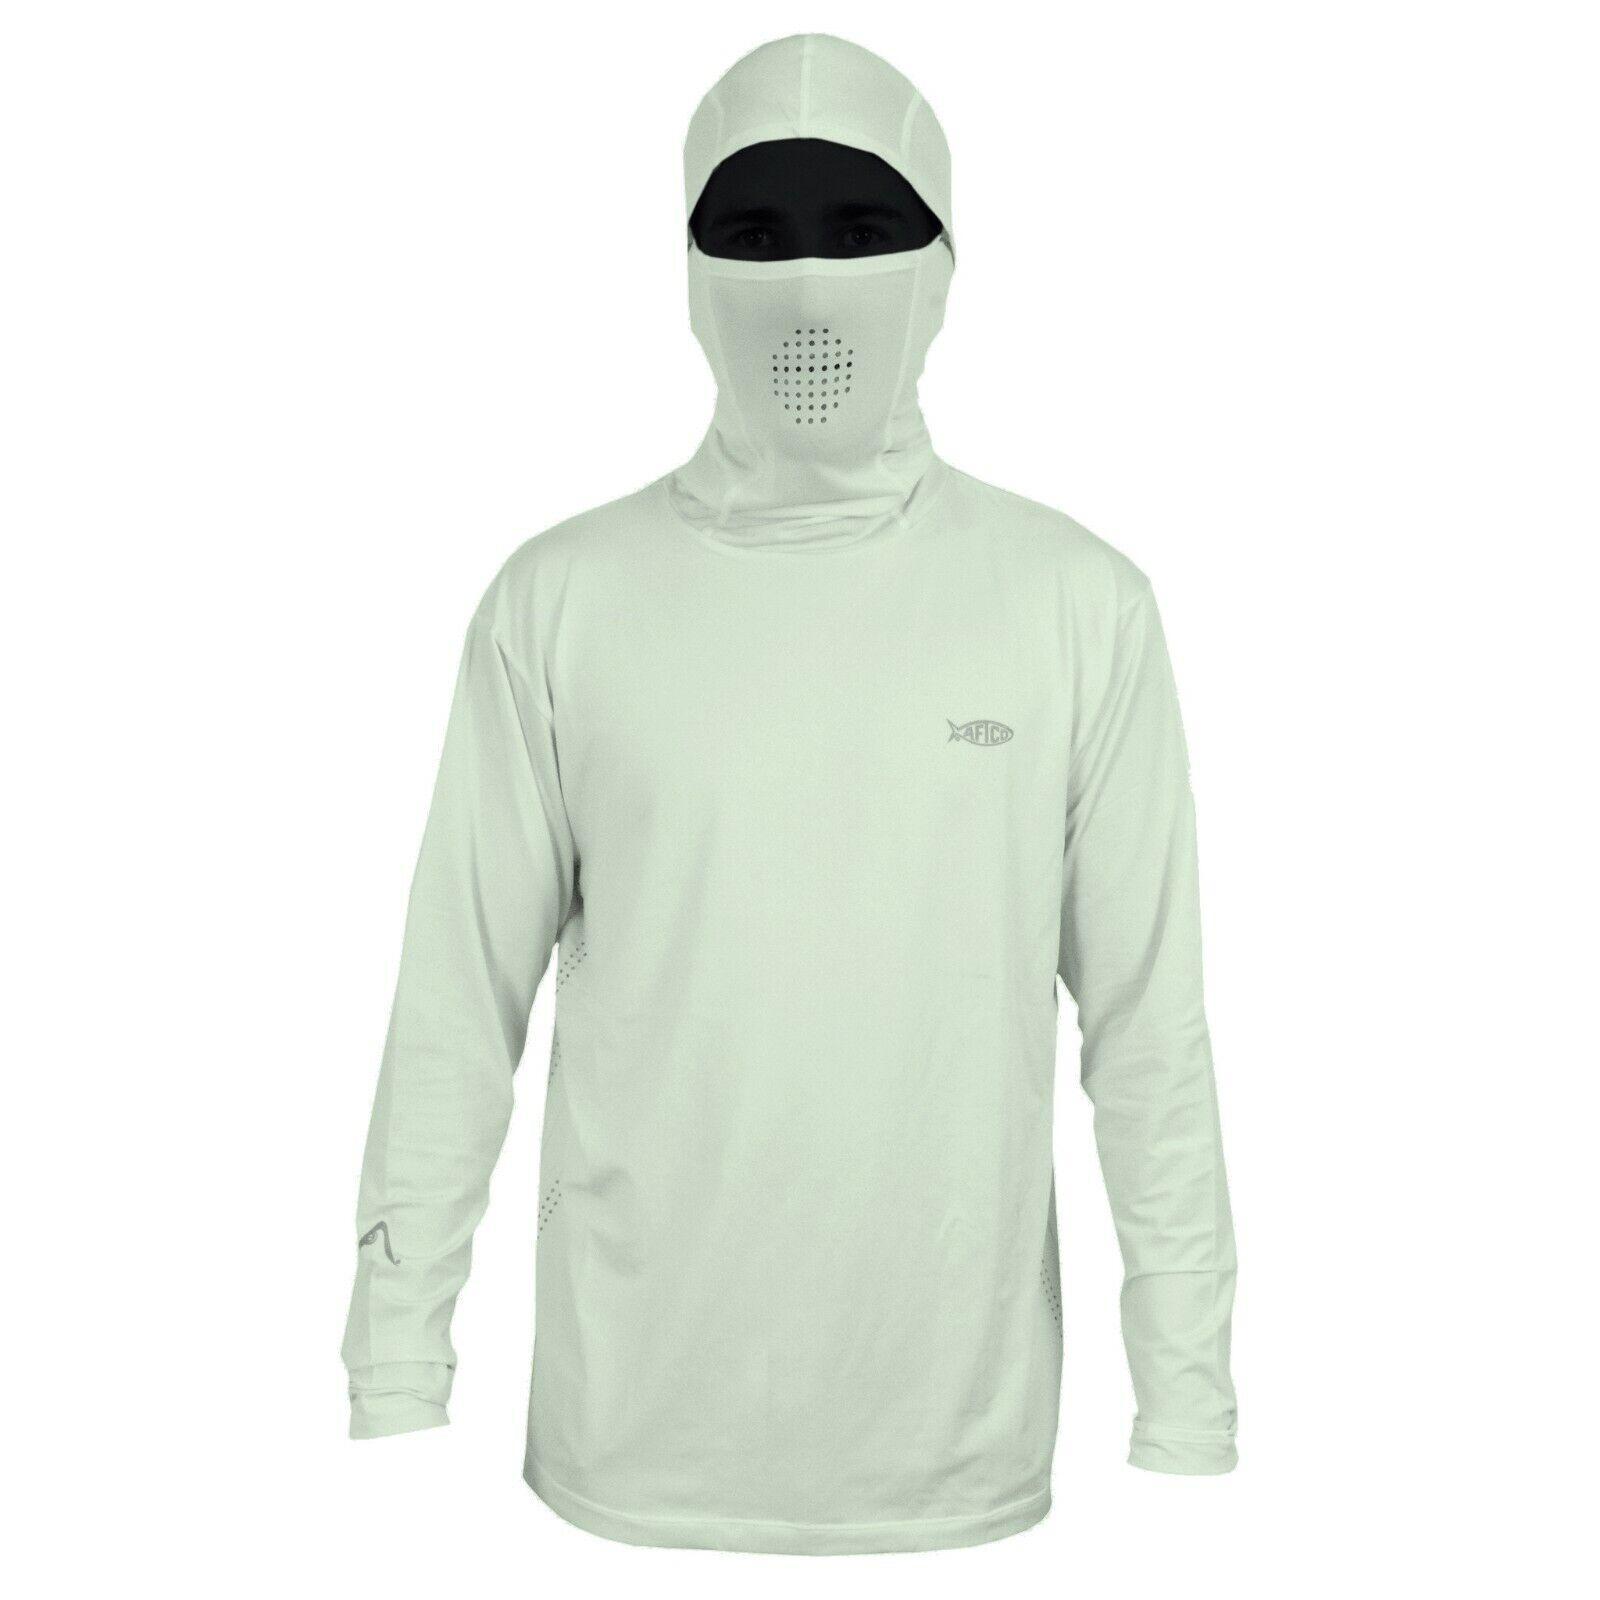 Aftco para hombres Camisa Capucha Ninja de pescado   pesca de Rendimiento Camisa De Projoección Solar-S